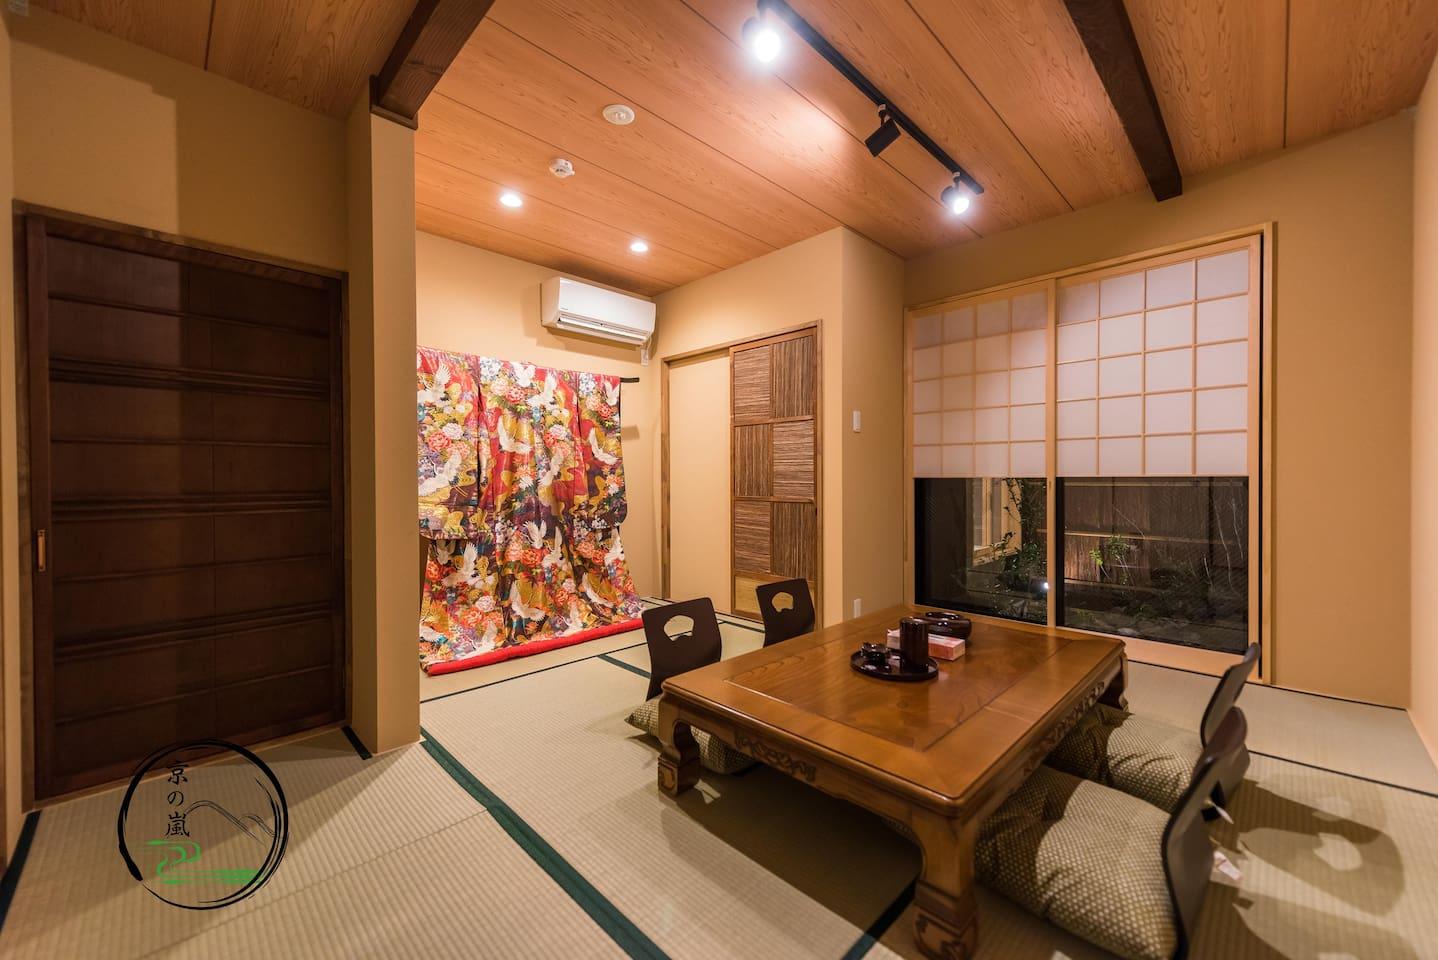 一层敞亮榻榻米大客厅,华美和服结婚礼服。可以品茶赏庭院。